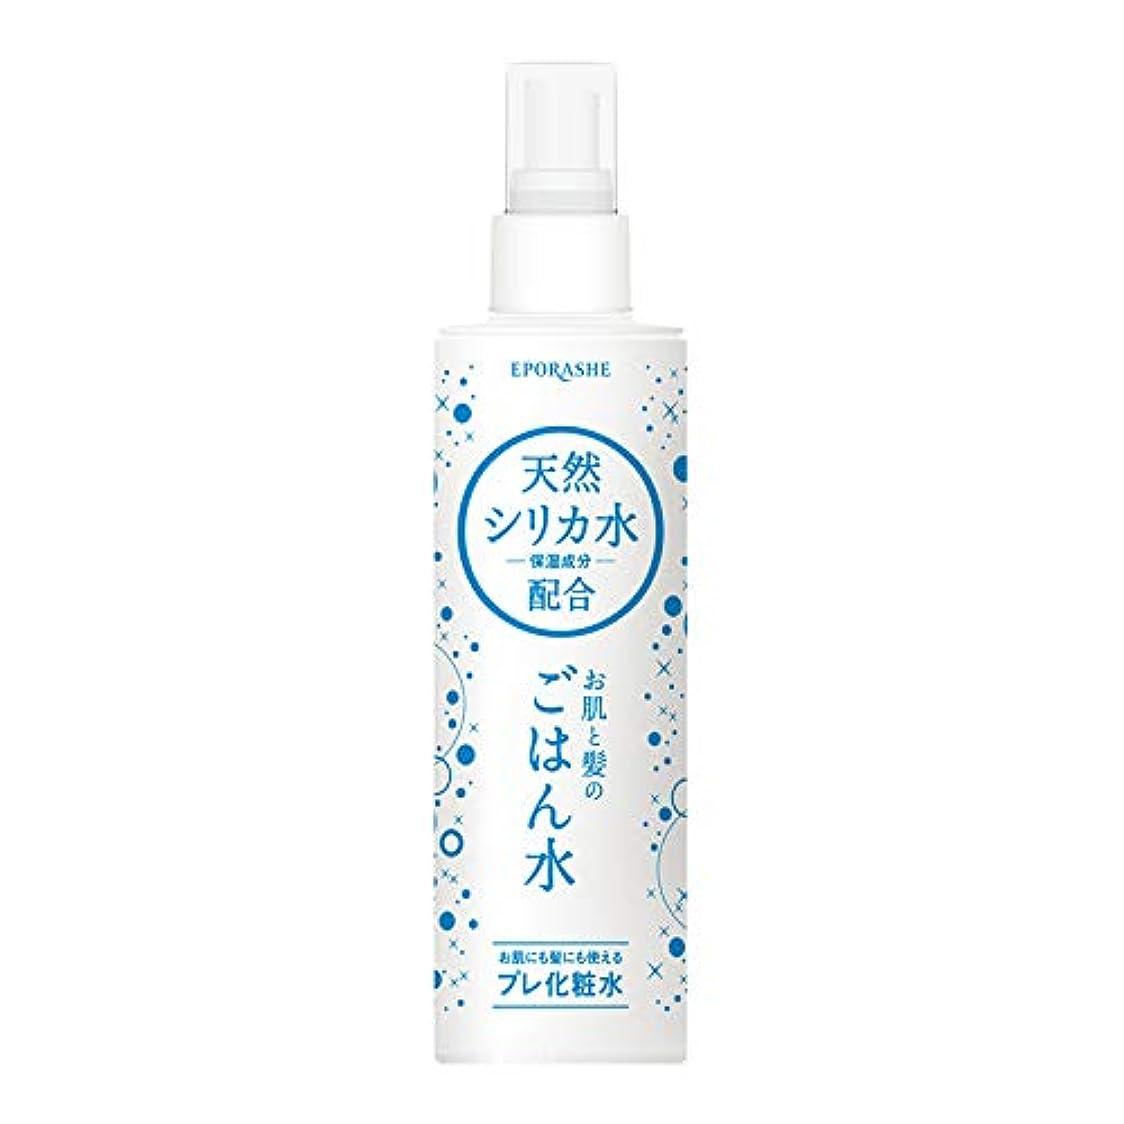 コンパクト作成者見つけるEPORASHE お肌と髪のごはん水 ケイ素(天然シリカ)のプレ化粧水